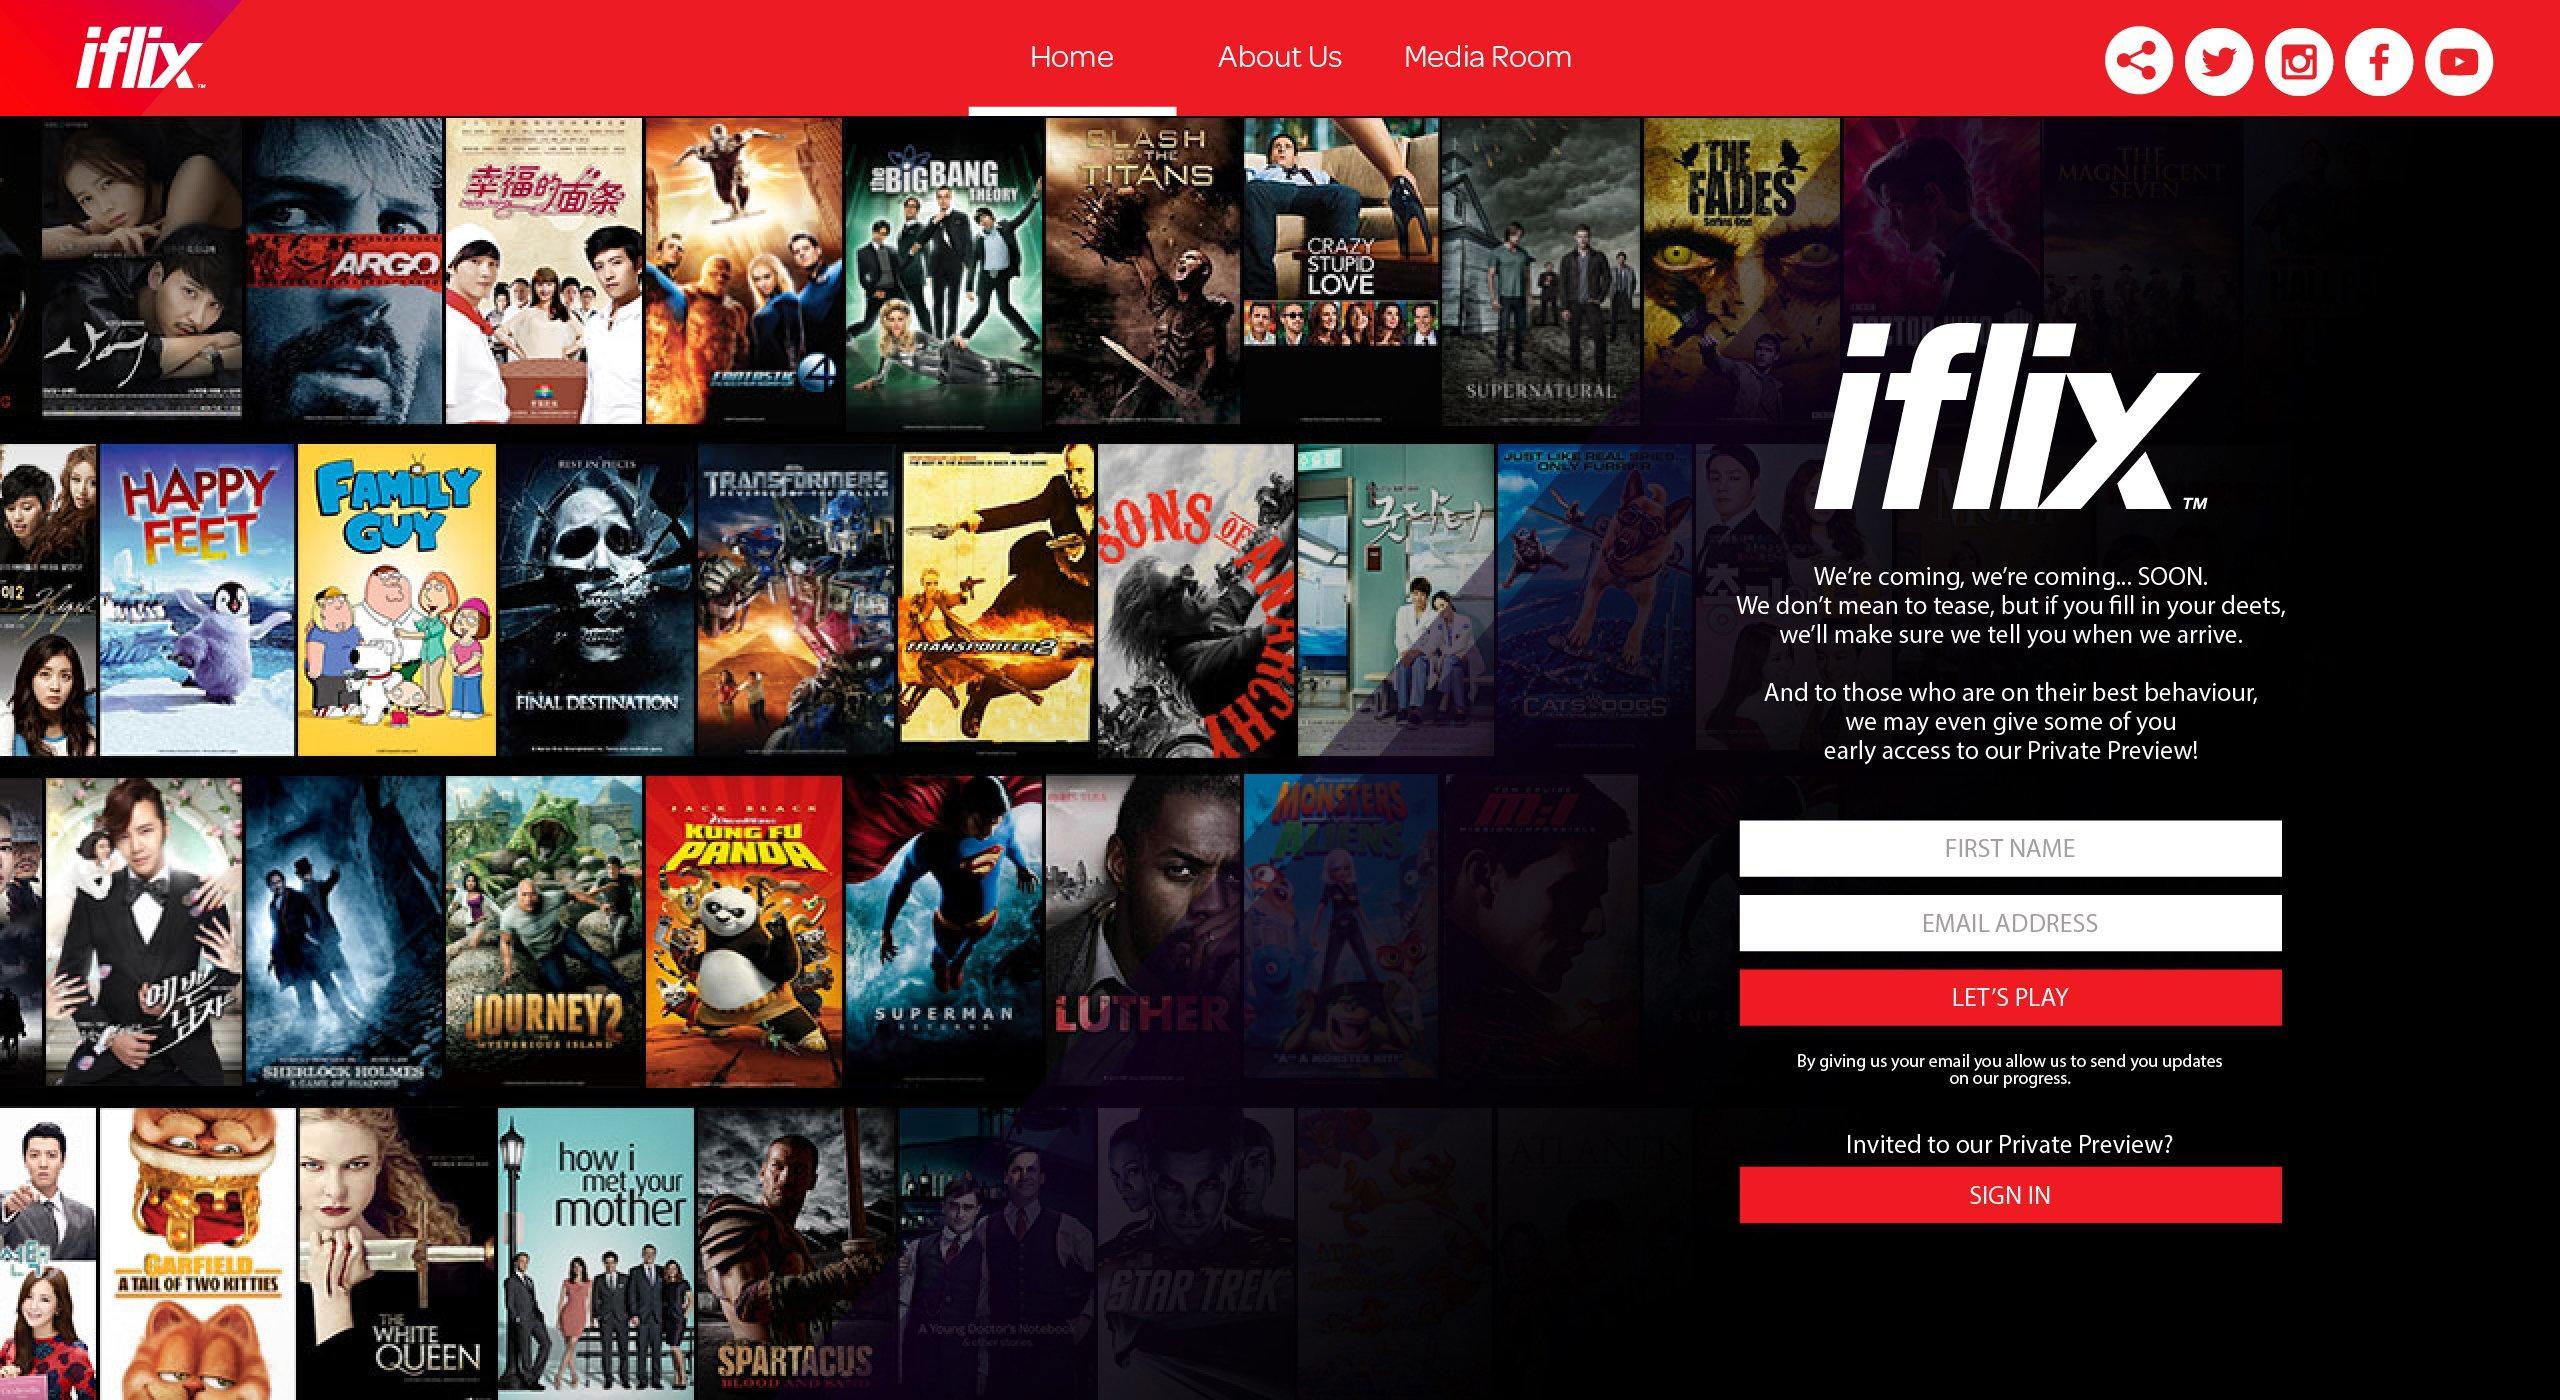 Situs nonton film dan serial televisi terbaik di Ifilix